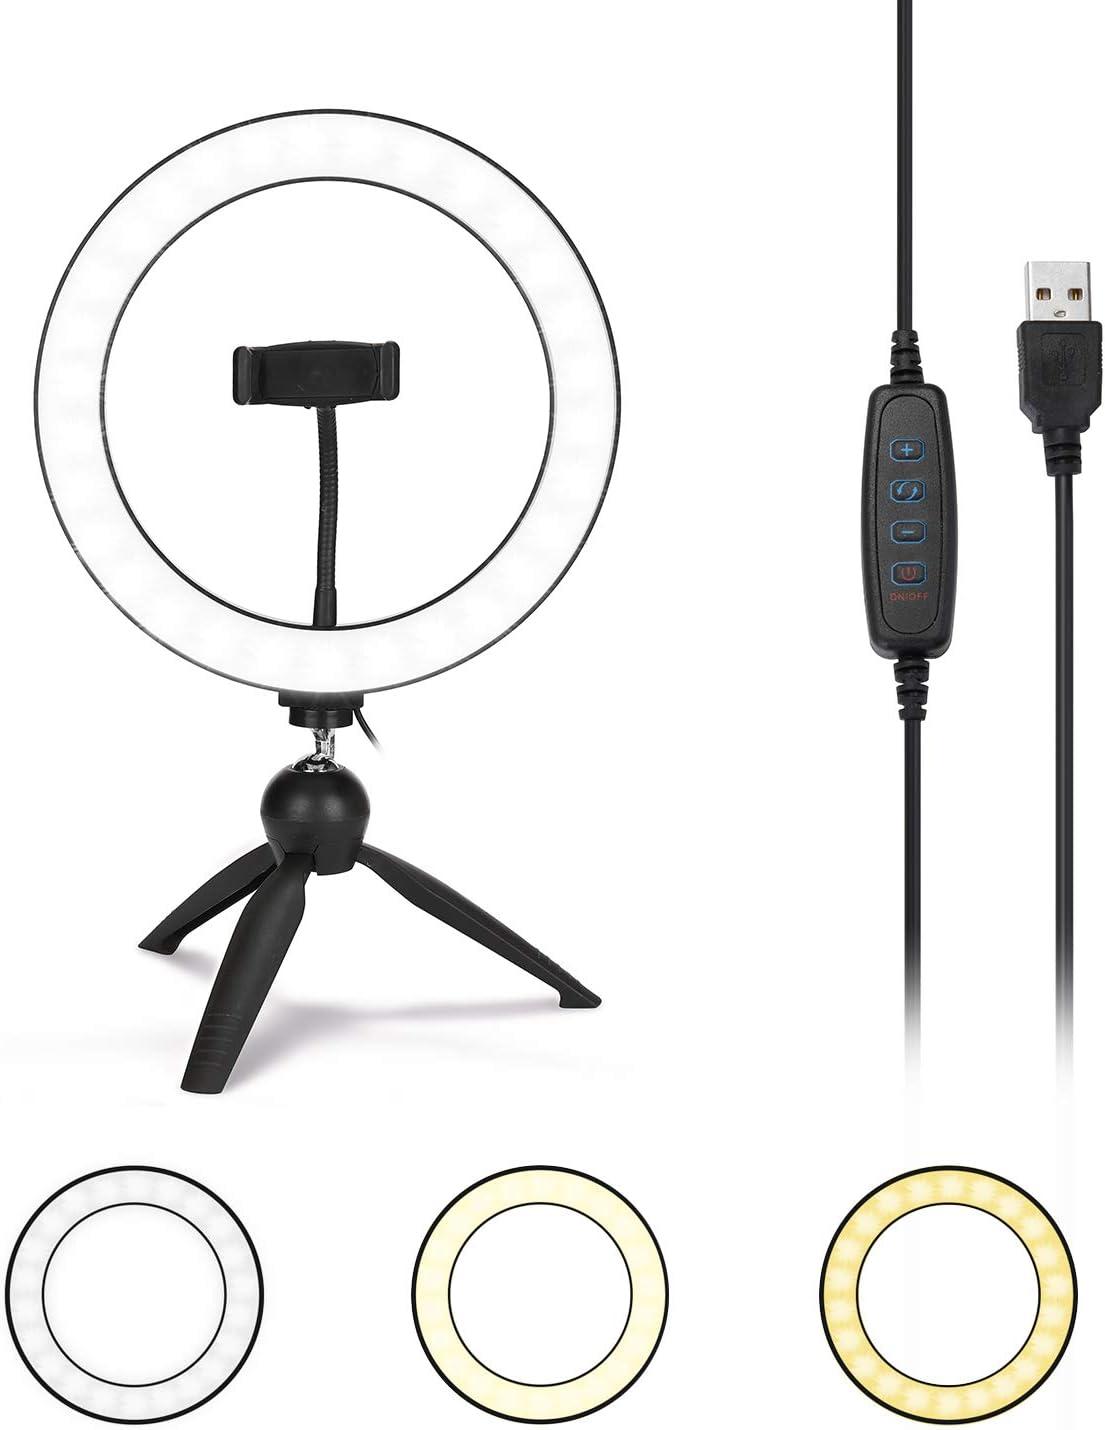 KKmoon/® Ring Light 10 pouces Dimmable LED Selfie Lumi/ère Ronde avec Clip de T/él/éphone Luminosit/é Lampe R/églable pour la Diffusion en Direct Selfie Photographie Vid/éo avec Tr/épied Right Light